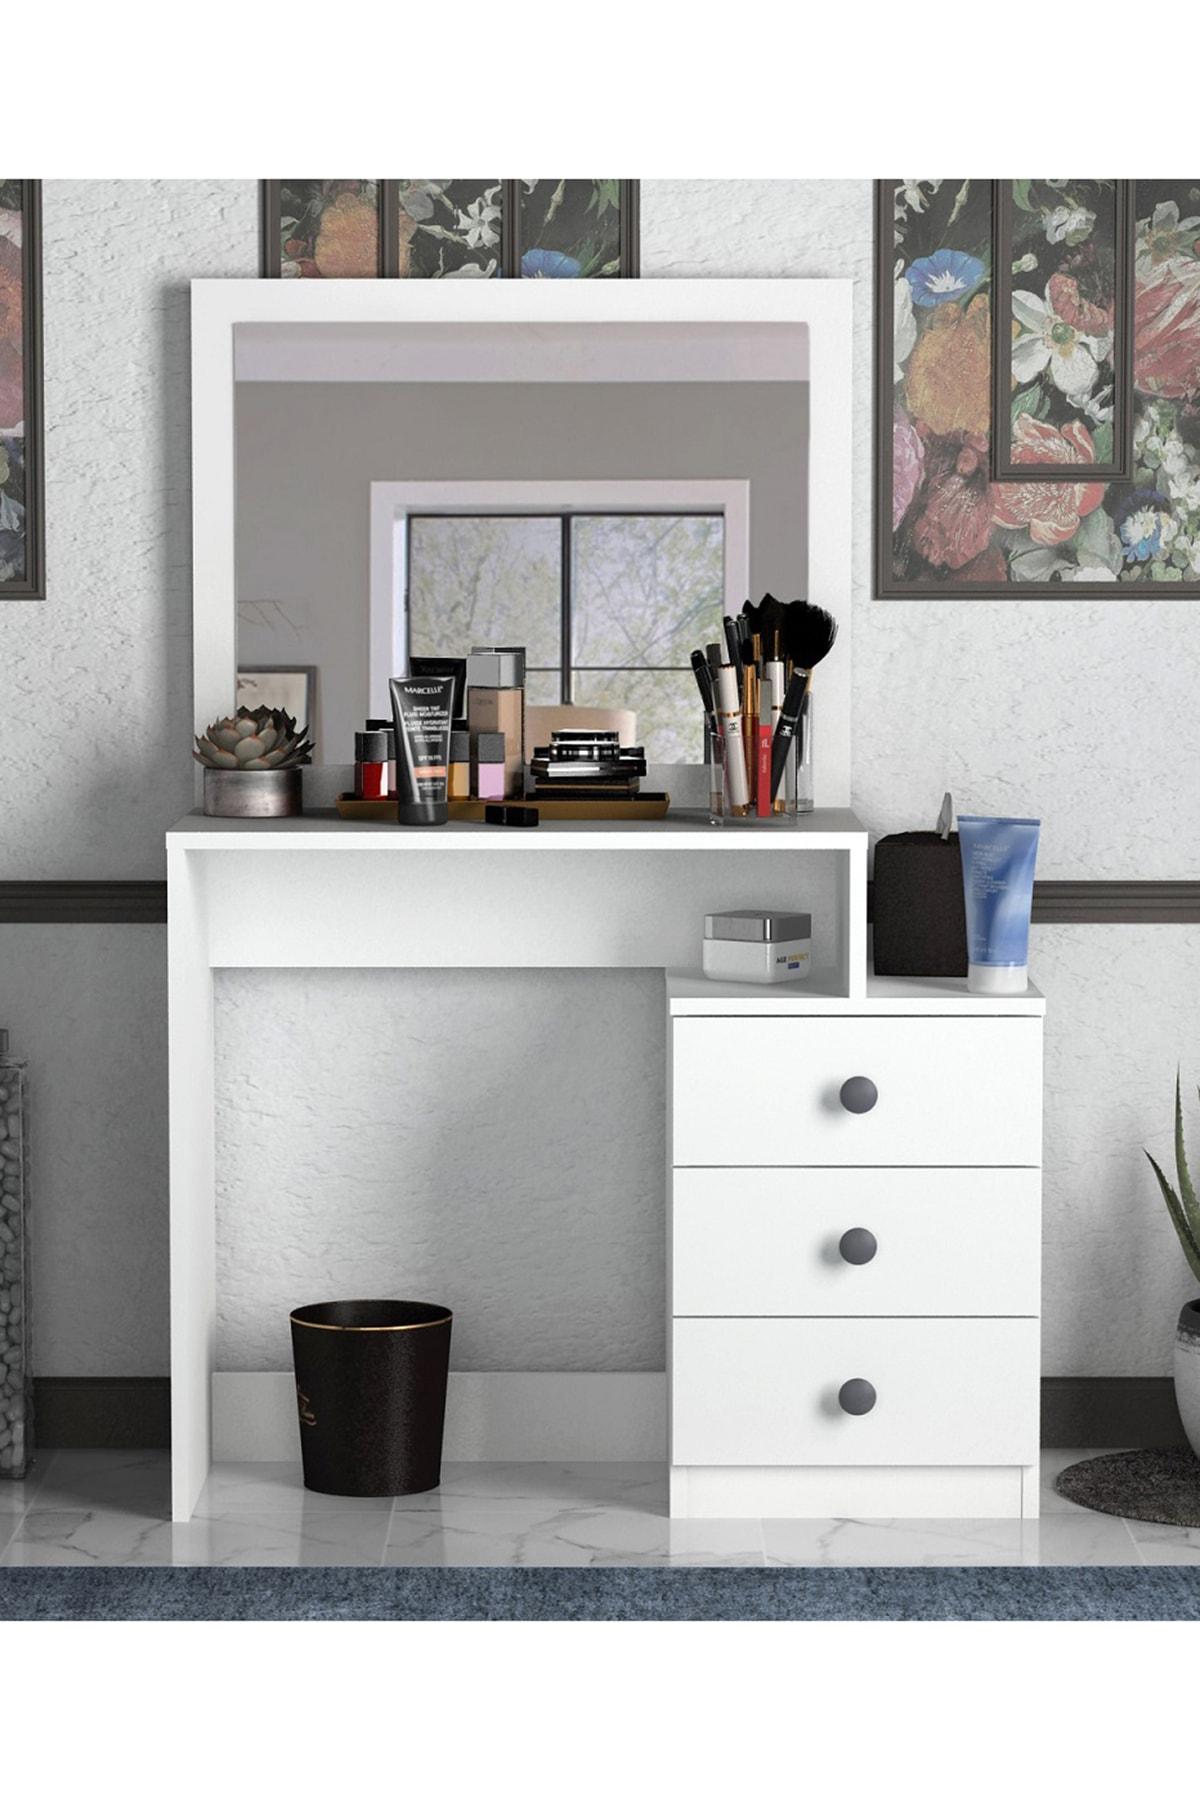 Sanal Mobilya Decanter 3 Çekmeceli Dresuar - Makyaj Masası Mat Beyaz 1